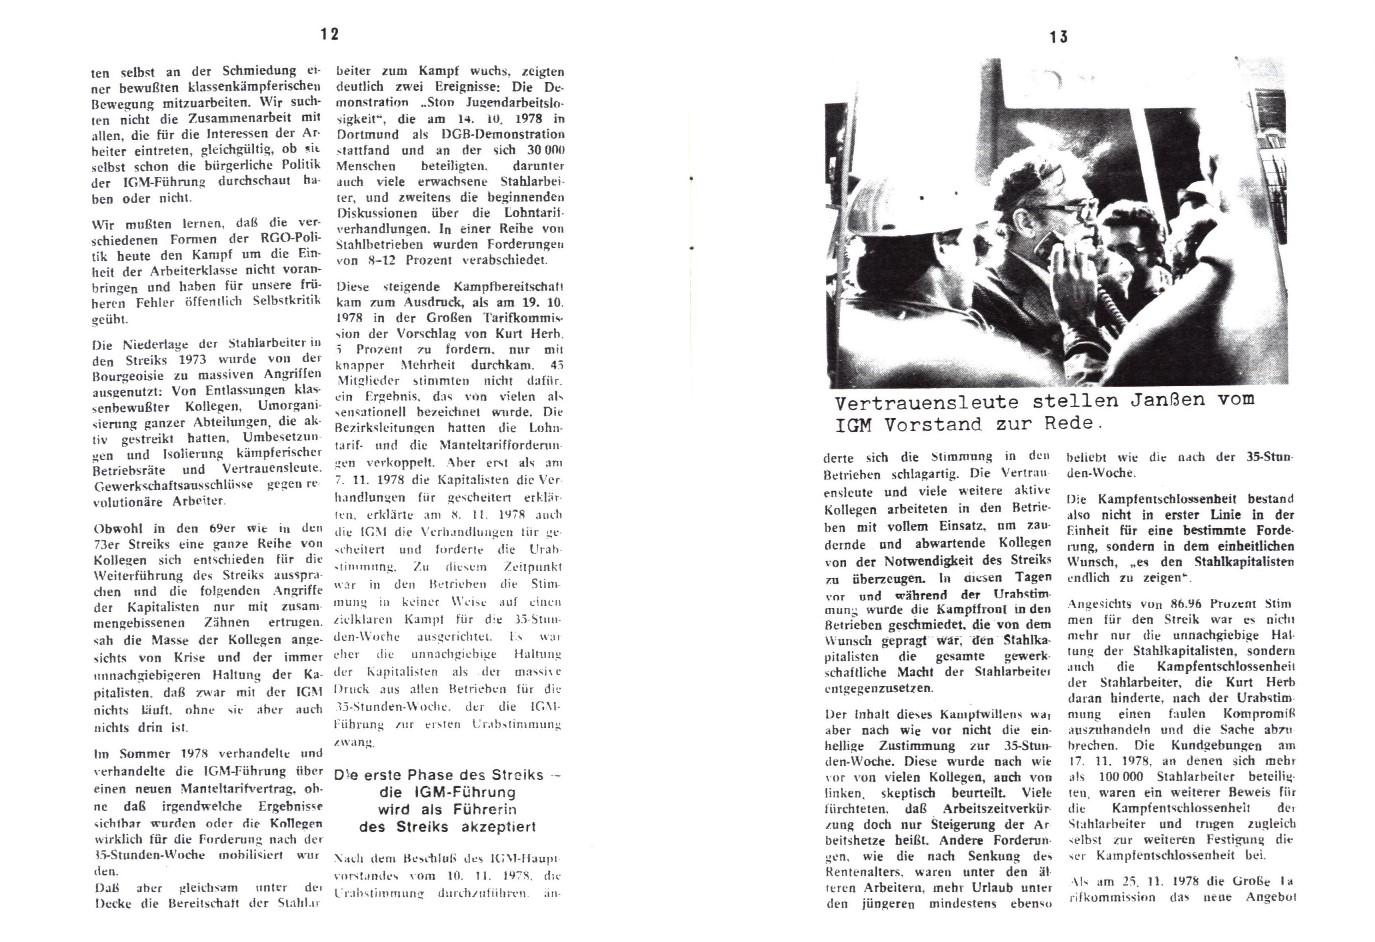 KPDAO_1979_Streik_in_der_Stahlindustrie_08